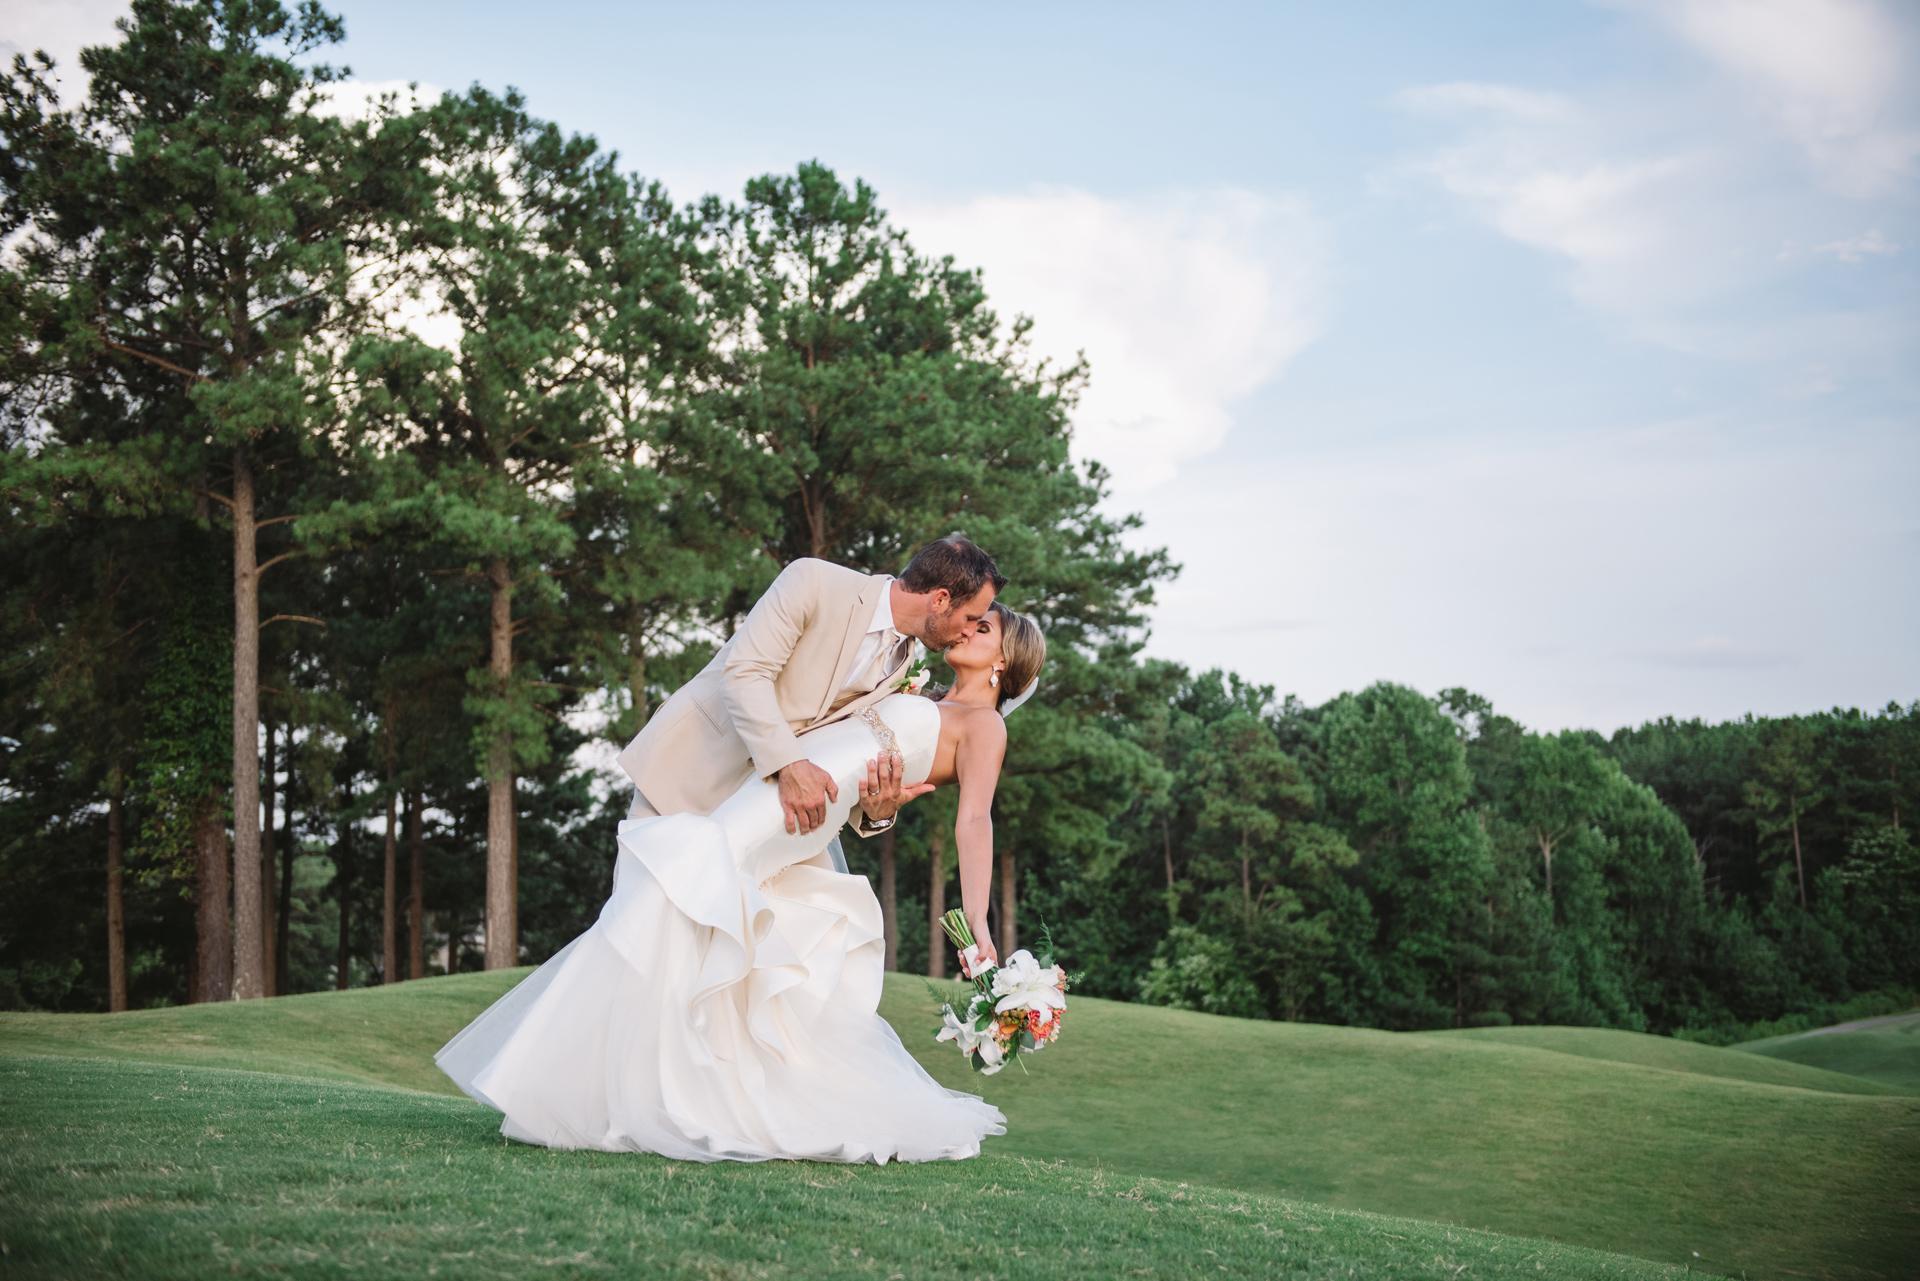 whitney-tyler-wedding-cobblestone-park-blythewood-sc